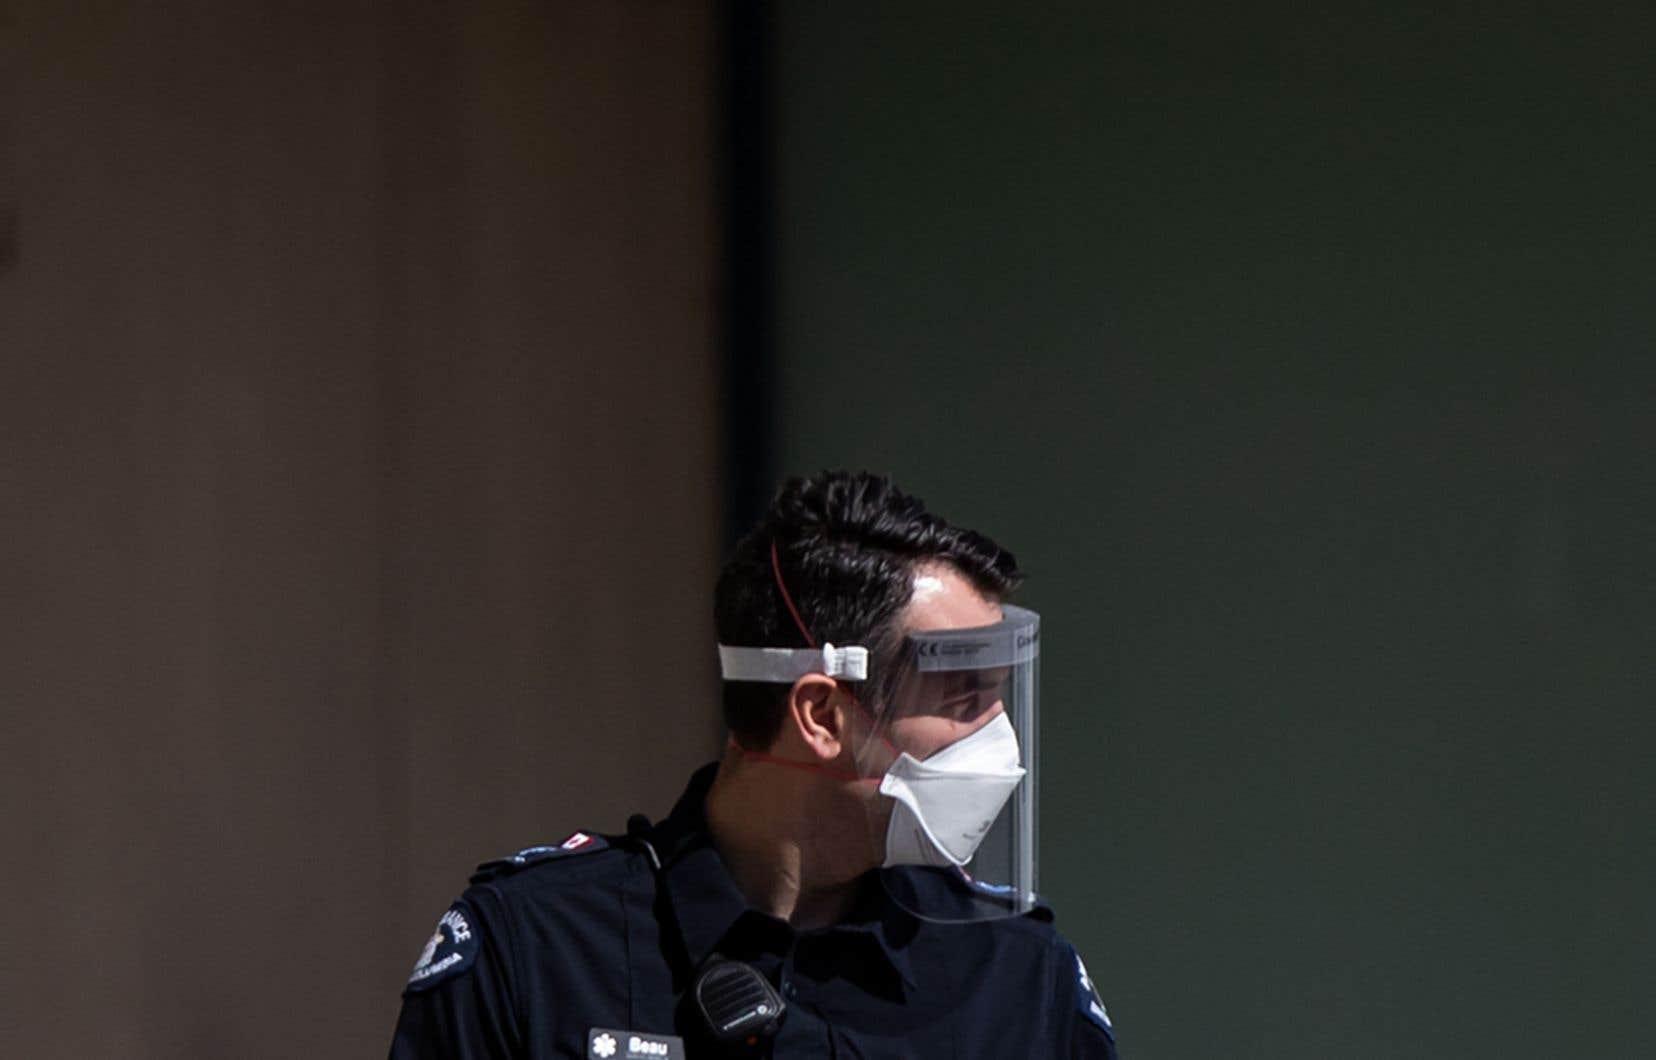 <p>Le gouvernement de Narendra Modi a bloqué les exportations d'équipement de protection sanitaire, comme les masques N95, à la fin du mois de janvier.</p>